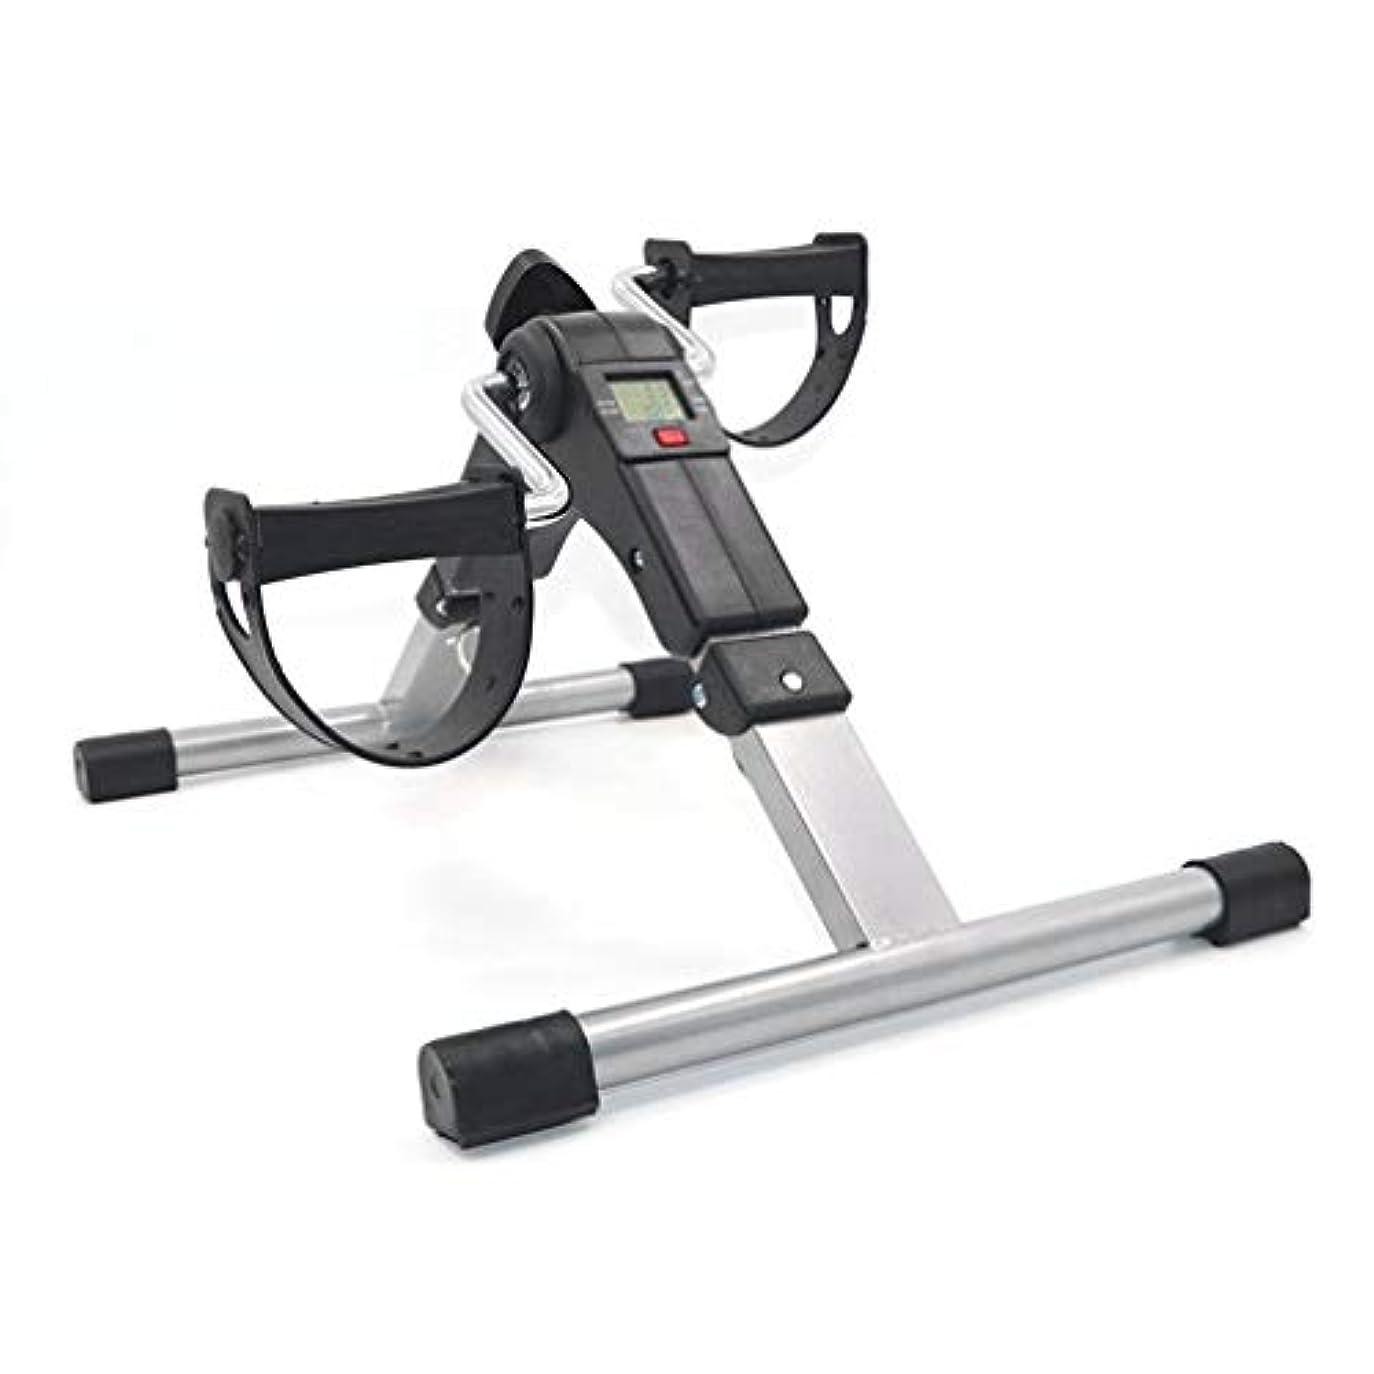 ヘビブロッサム奇跡実用的なトレーナー自転車脚エクササイザーストローク片麻痺リハビリテーションペダル-Rustle666